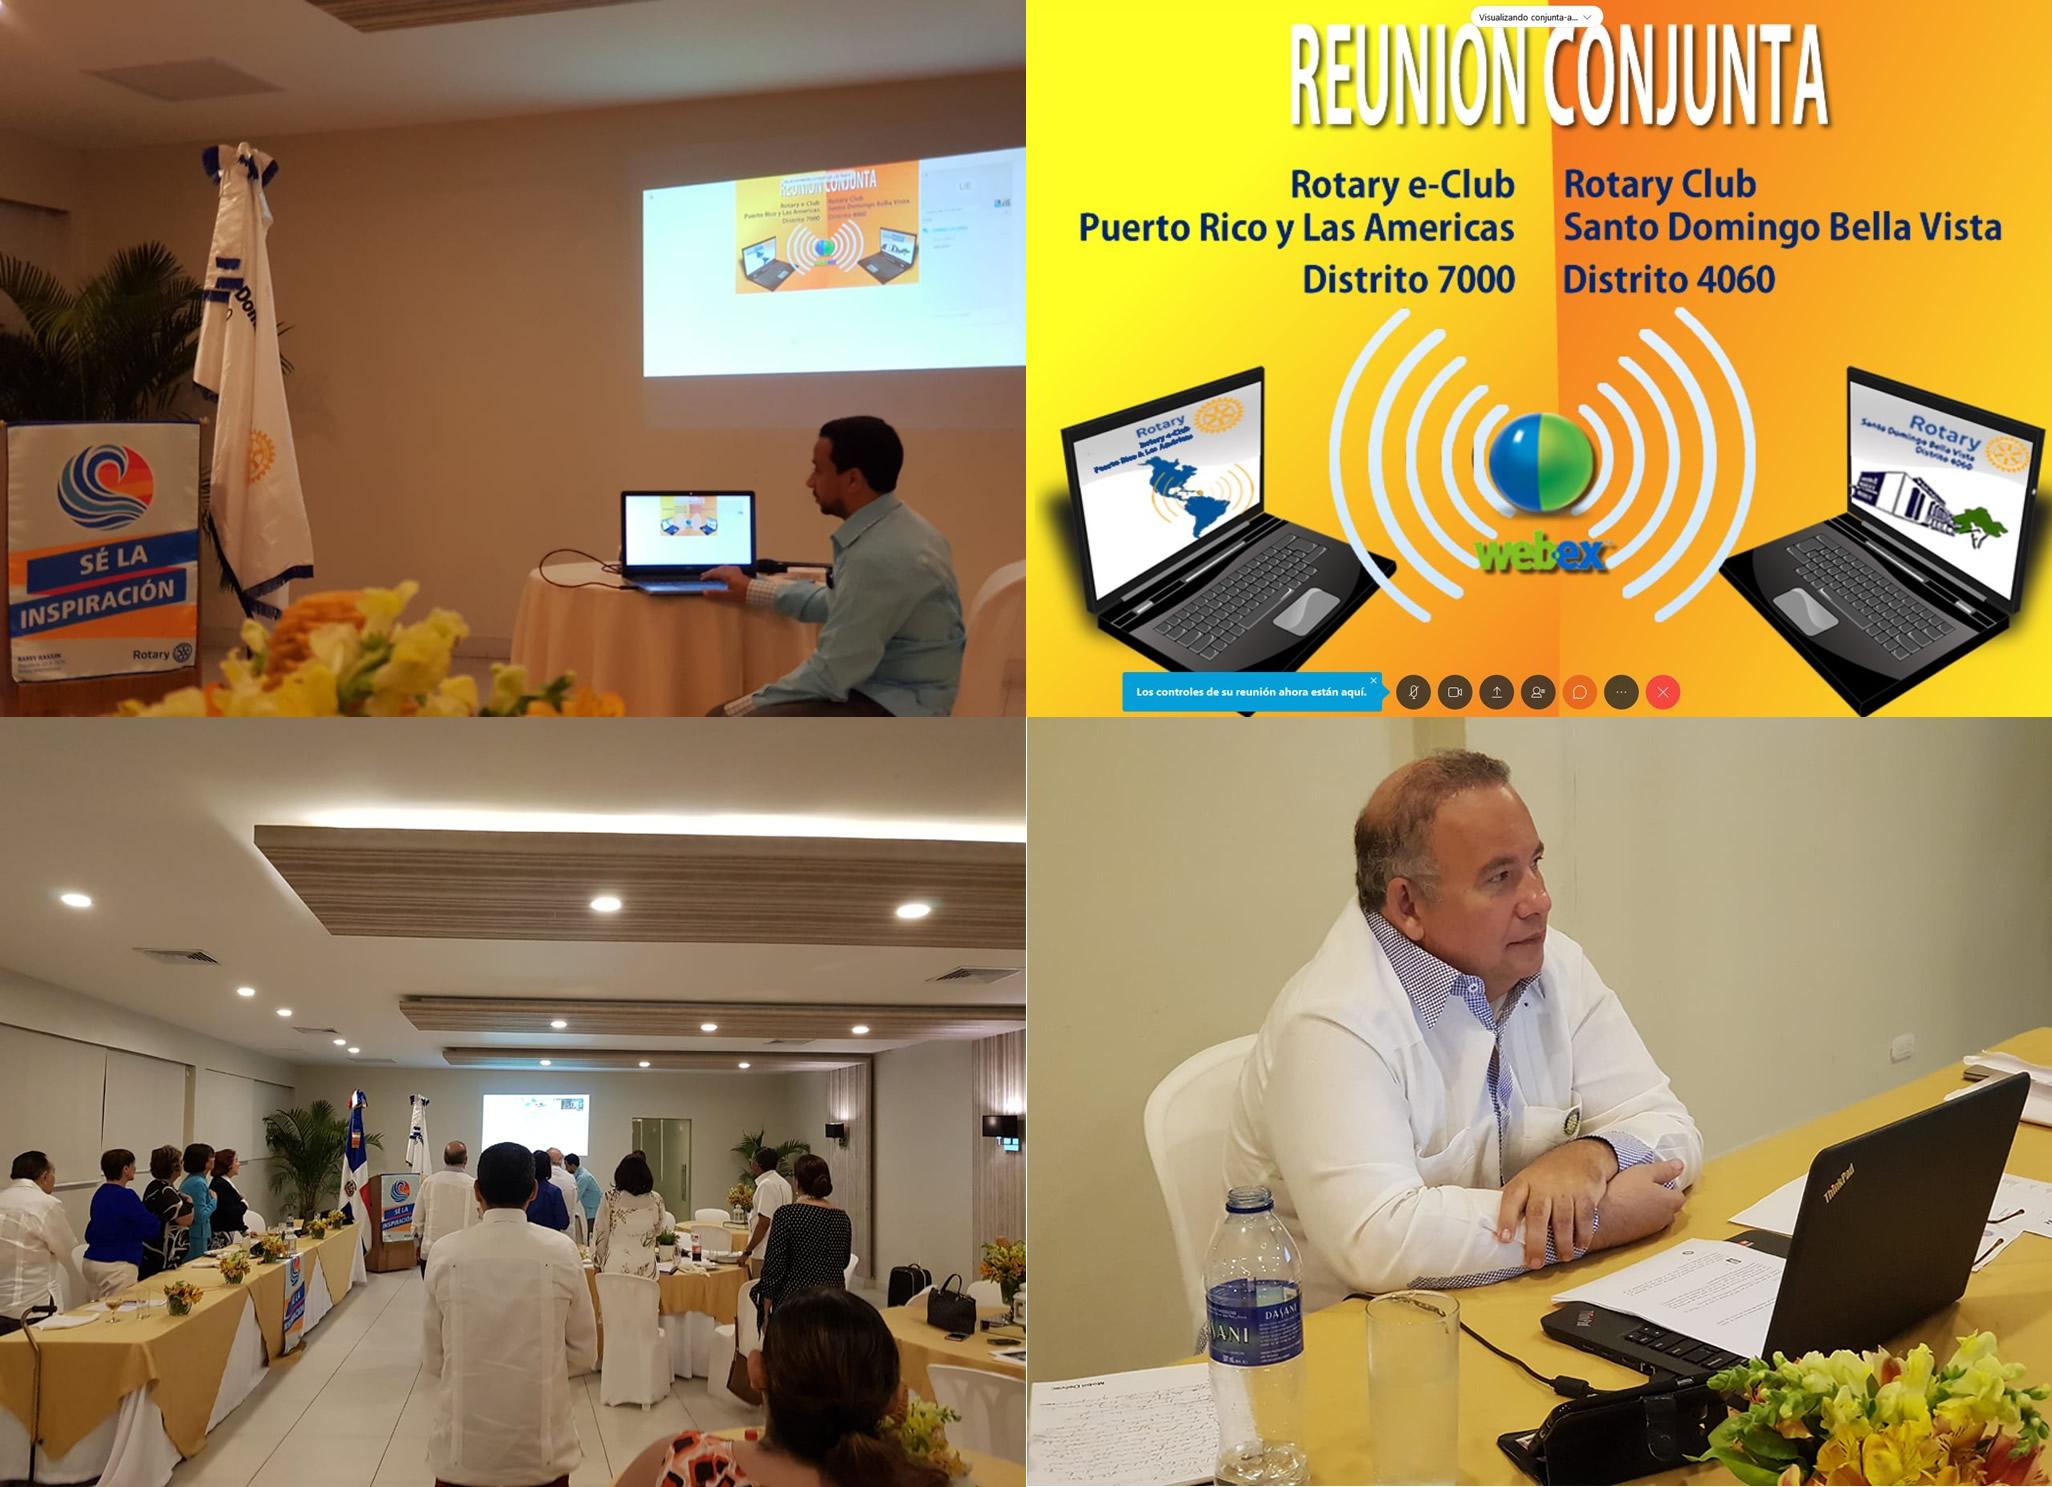 Conjunta Online clubes Rotarios E-Club de Puerto Rico y las Américas y Rotary Santo Domingo Bella Vista